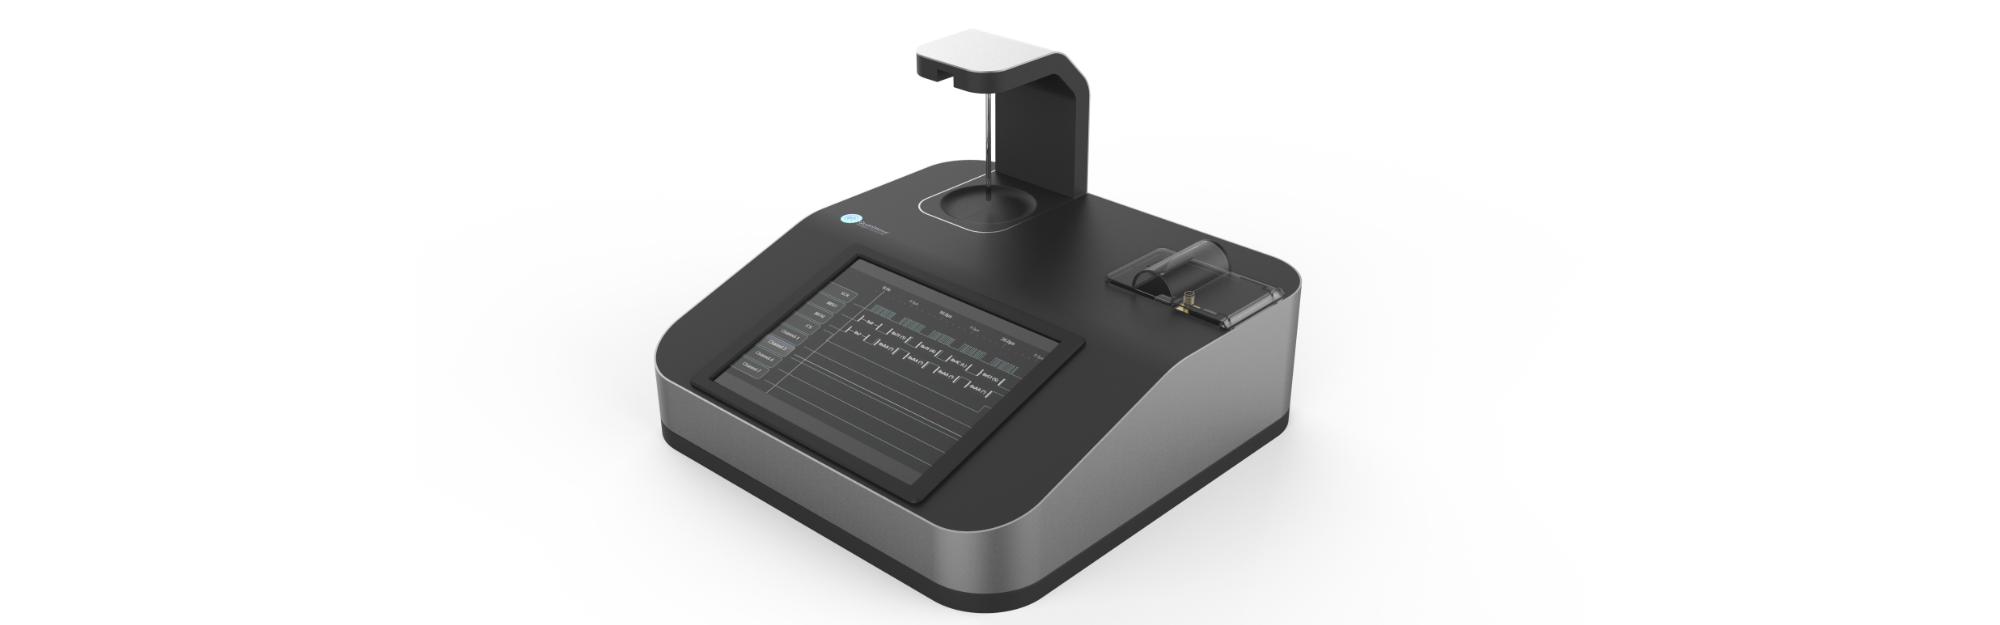 液体检测仪设计 仪器设备类设计 产品设计 外观设计